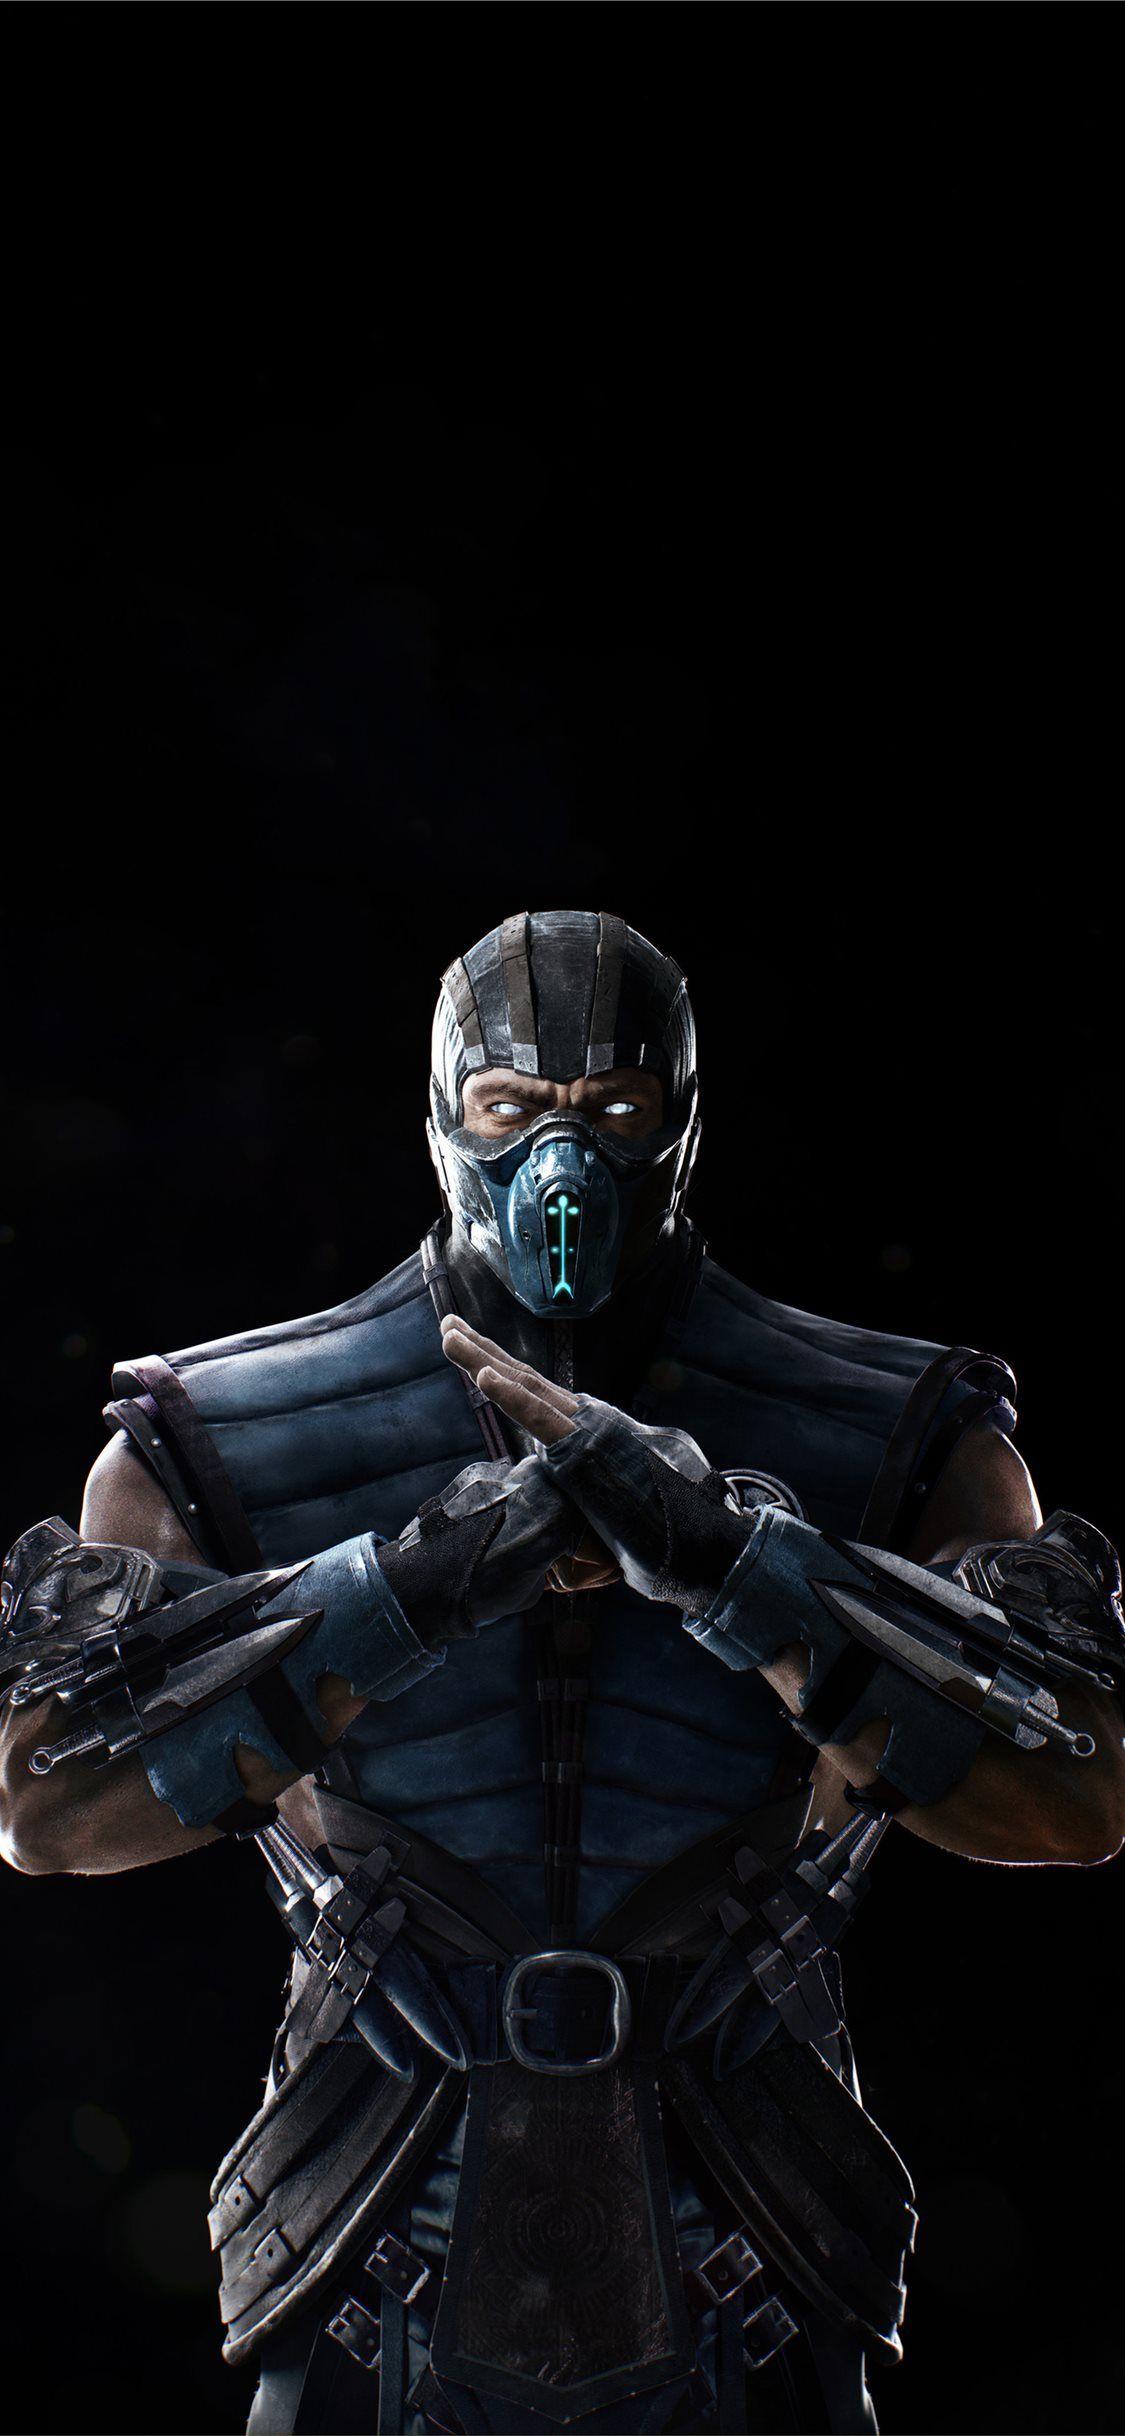 Sub Zero In Mortal Kombat 4k 2020 Mortalkombat11 Mortalkombat 2019games Games 4k Iphonexwal In 2020 Mortal Kombat Mortal Kombat Characters Sub Zero Mortal Kombat